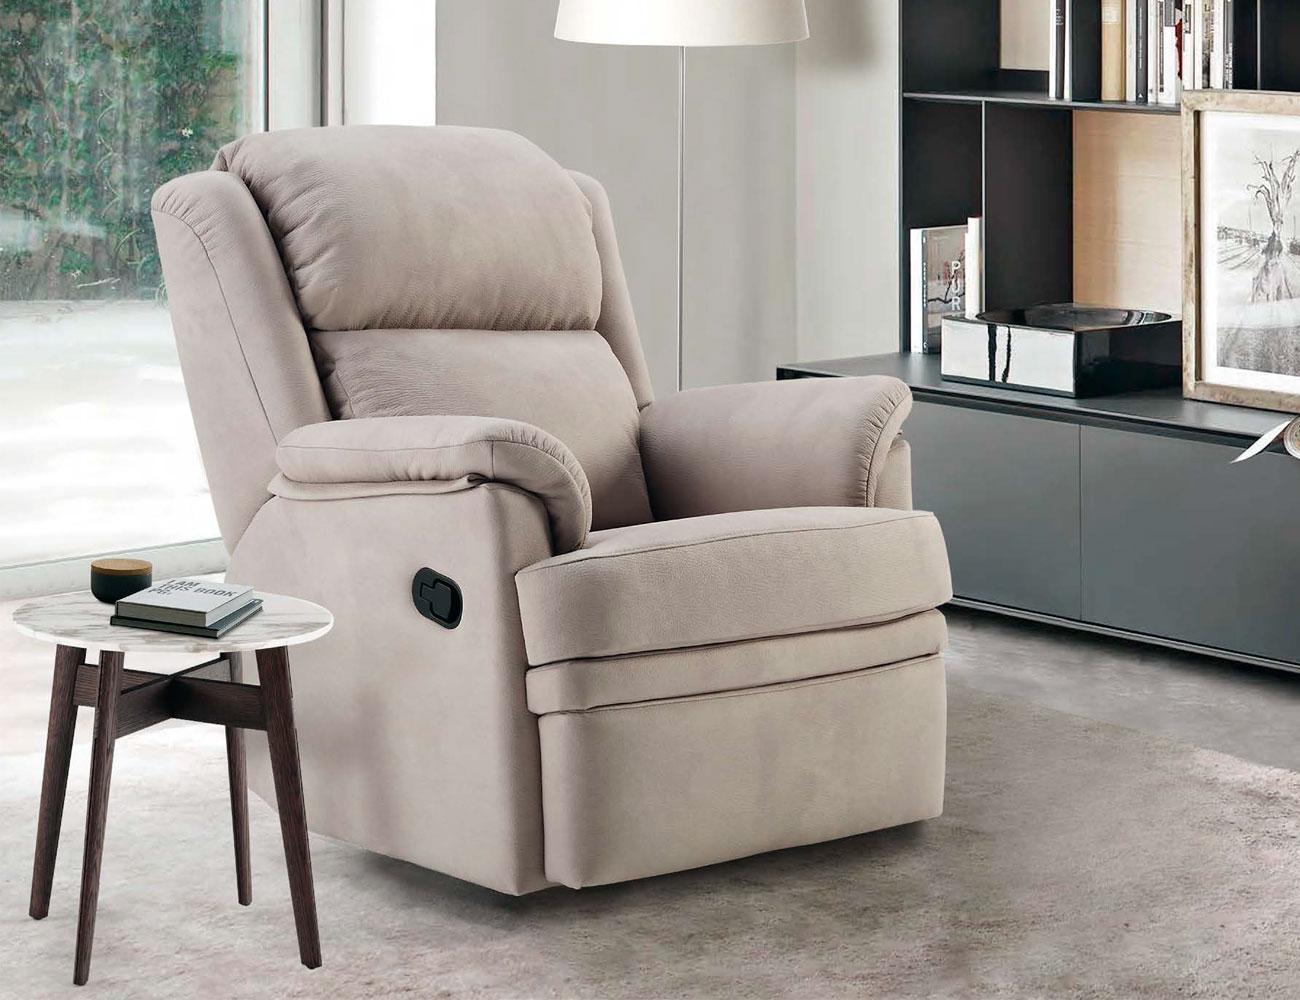 sillon relax con palanca confortable con giratorio y